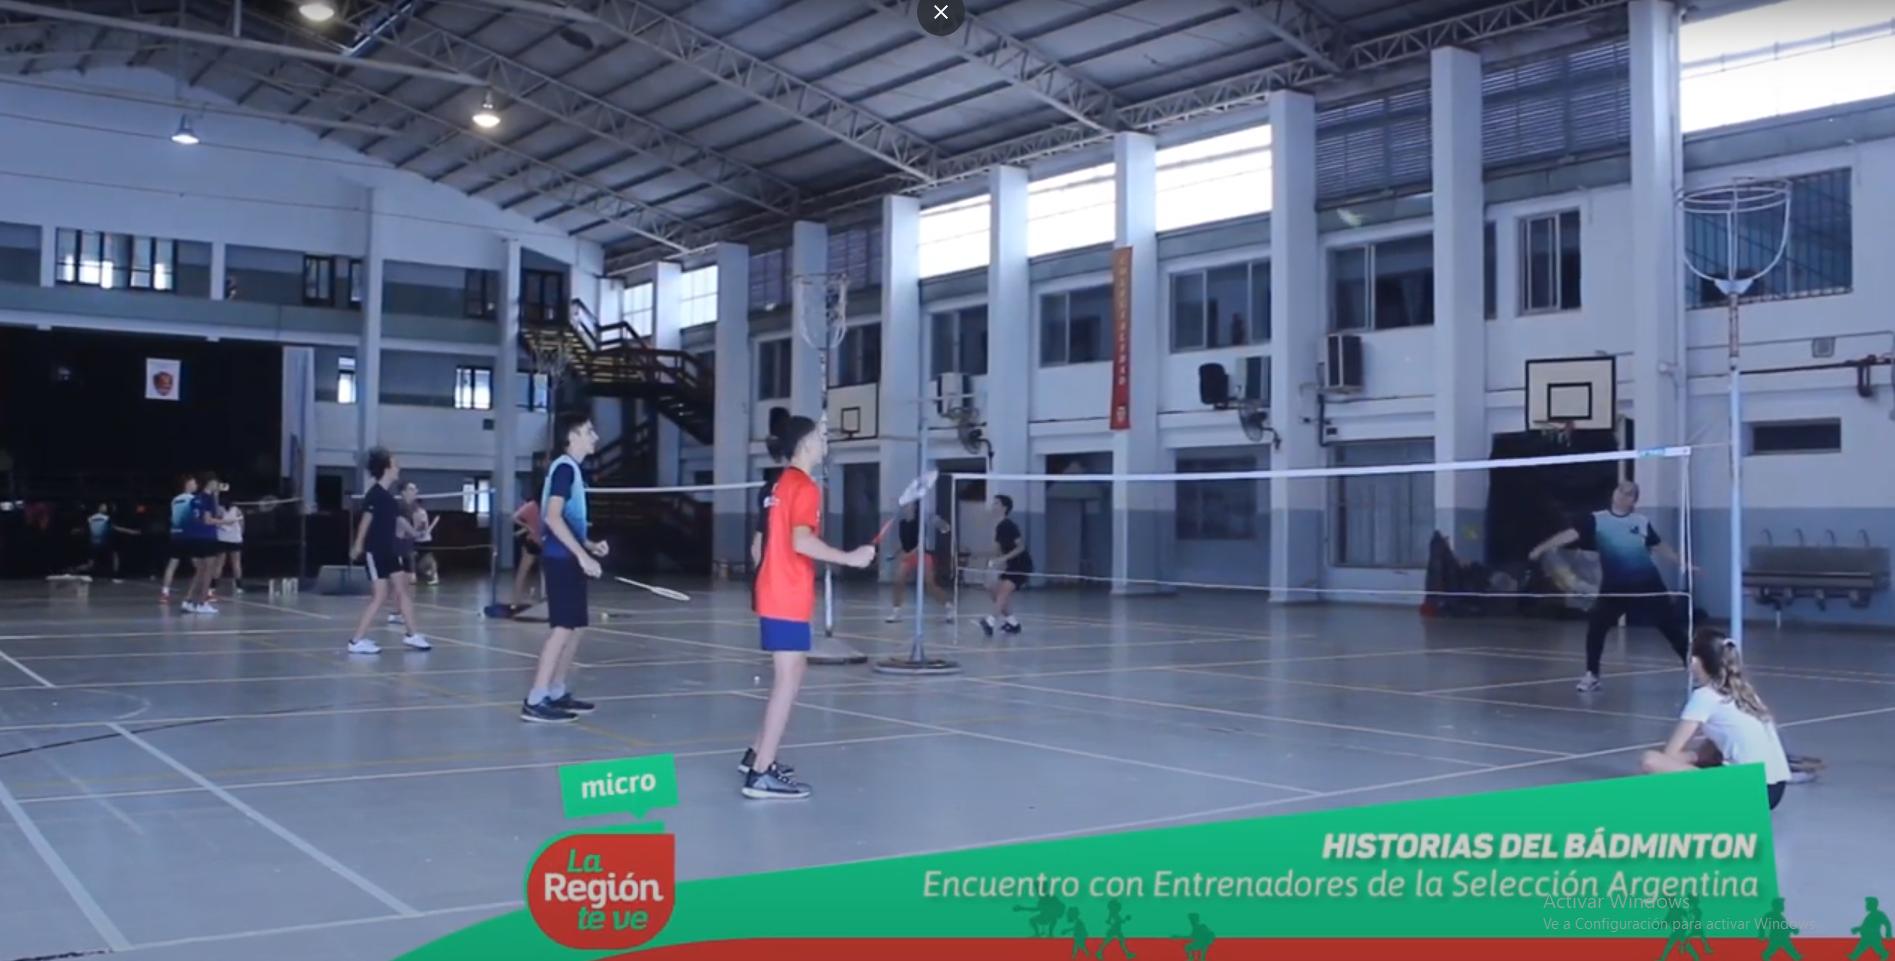 Se realizó un campus de entrenamiento de Badminton